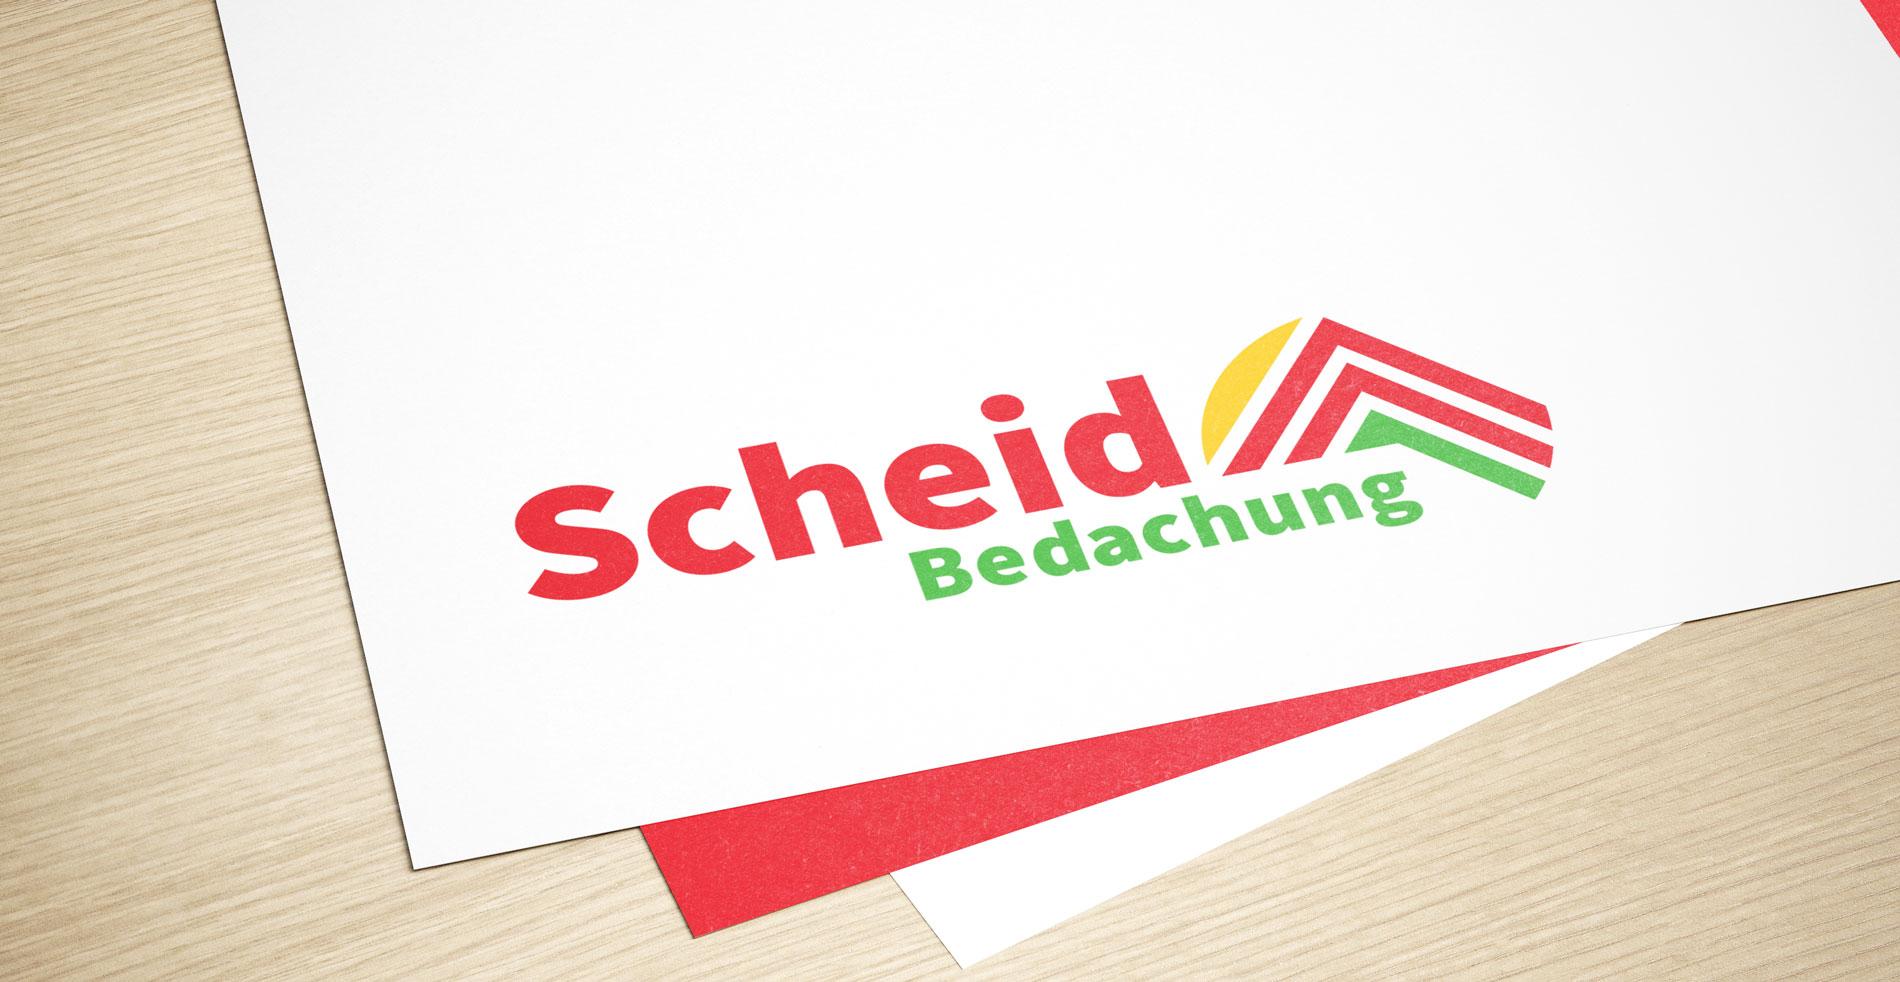 scheid bedachung logo